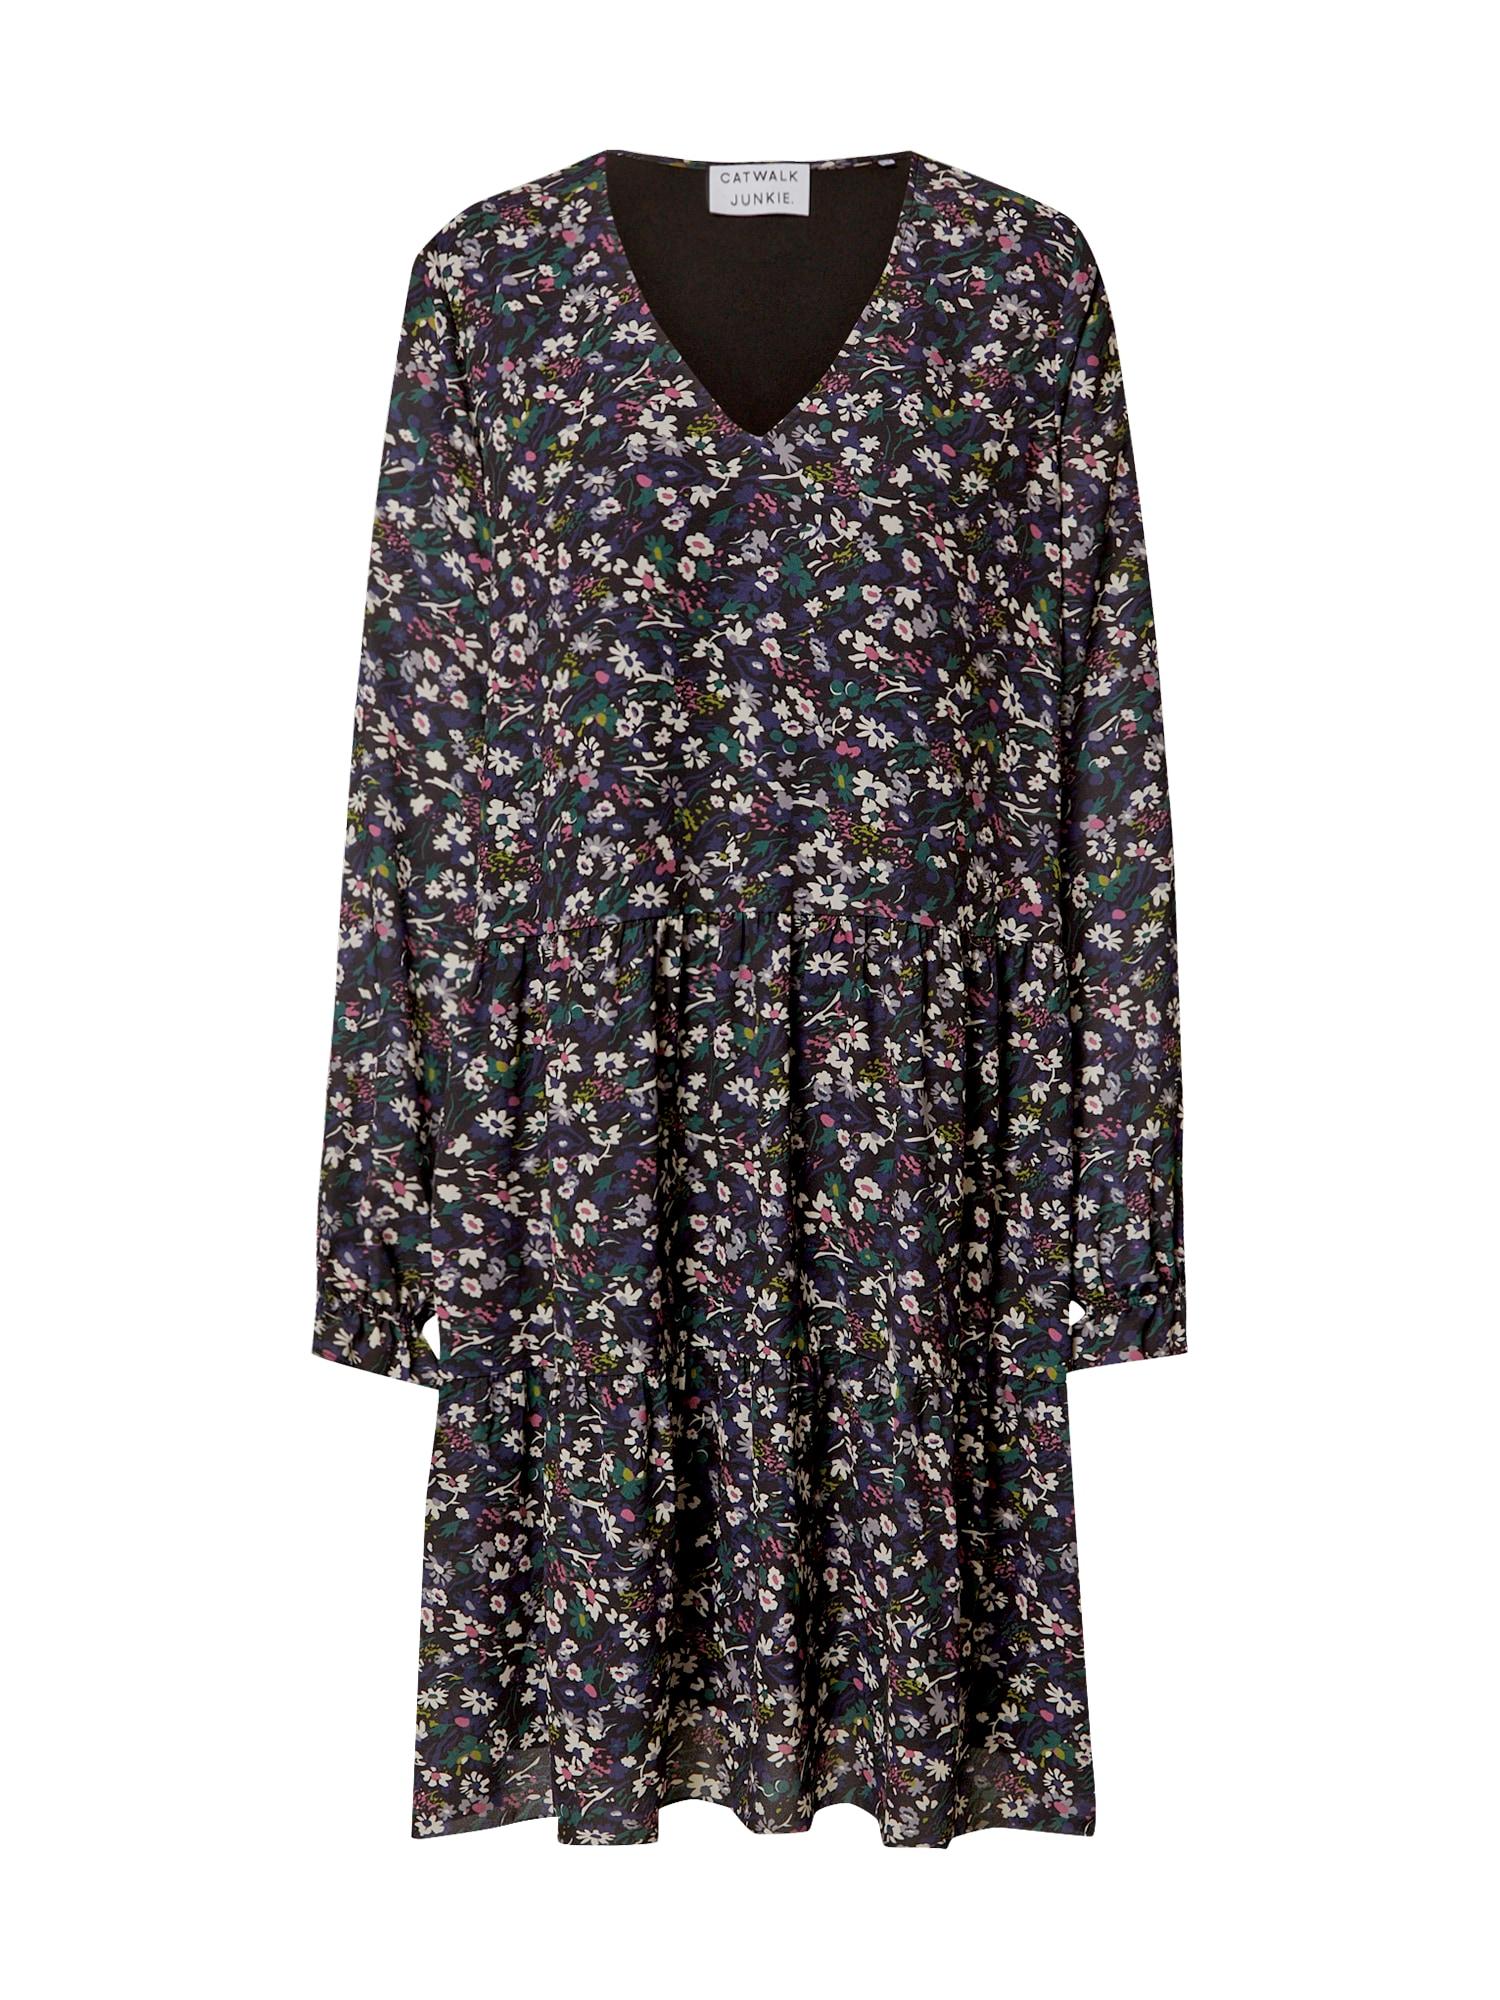 CATWALK JUNKIE Suknelė purpurinė / mišrios spalvos